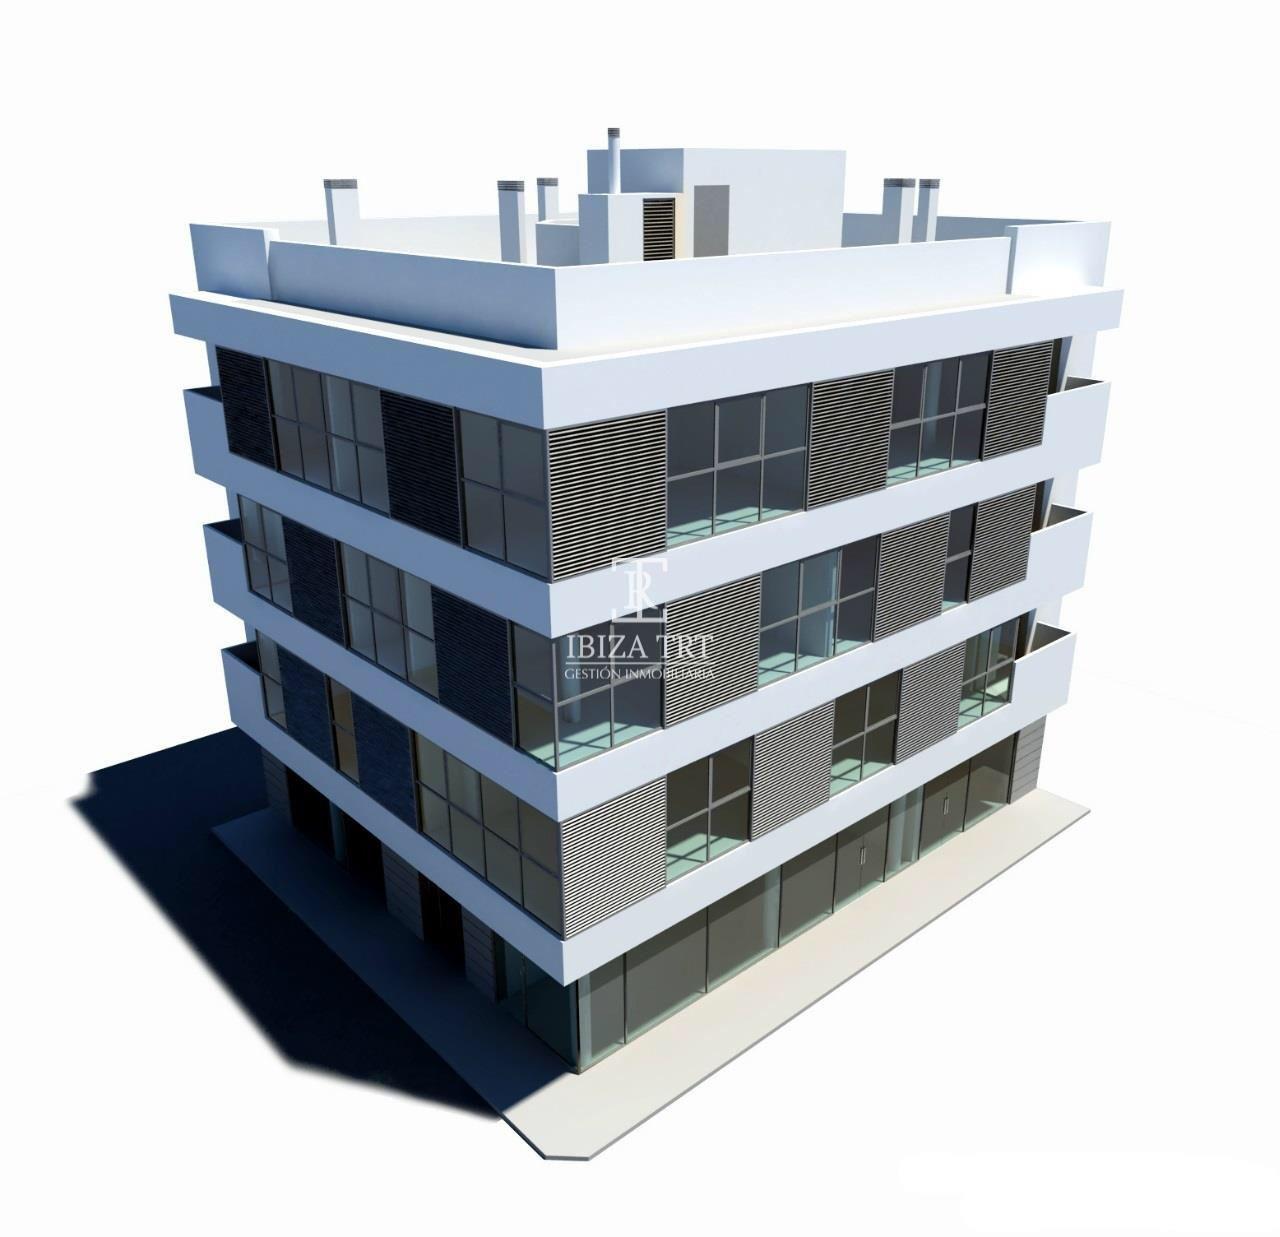 Promocion De 6 Amplias Viviendas De Nueva Construccion En El Centro De San Antonio La Promocion En Construccion Piso En Venta Nueva Construccion Inmobiliaria